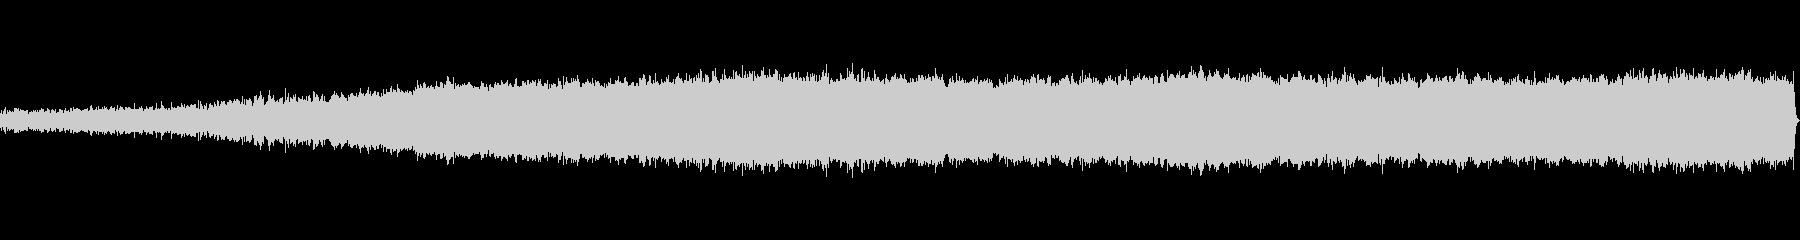 ホラー風BGM -始まり- ループ素材の未再生の波形